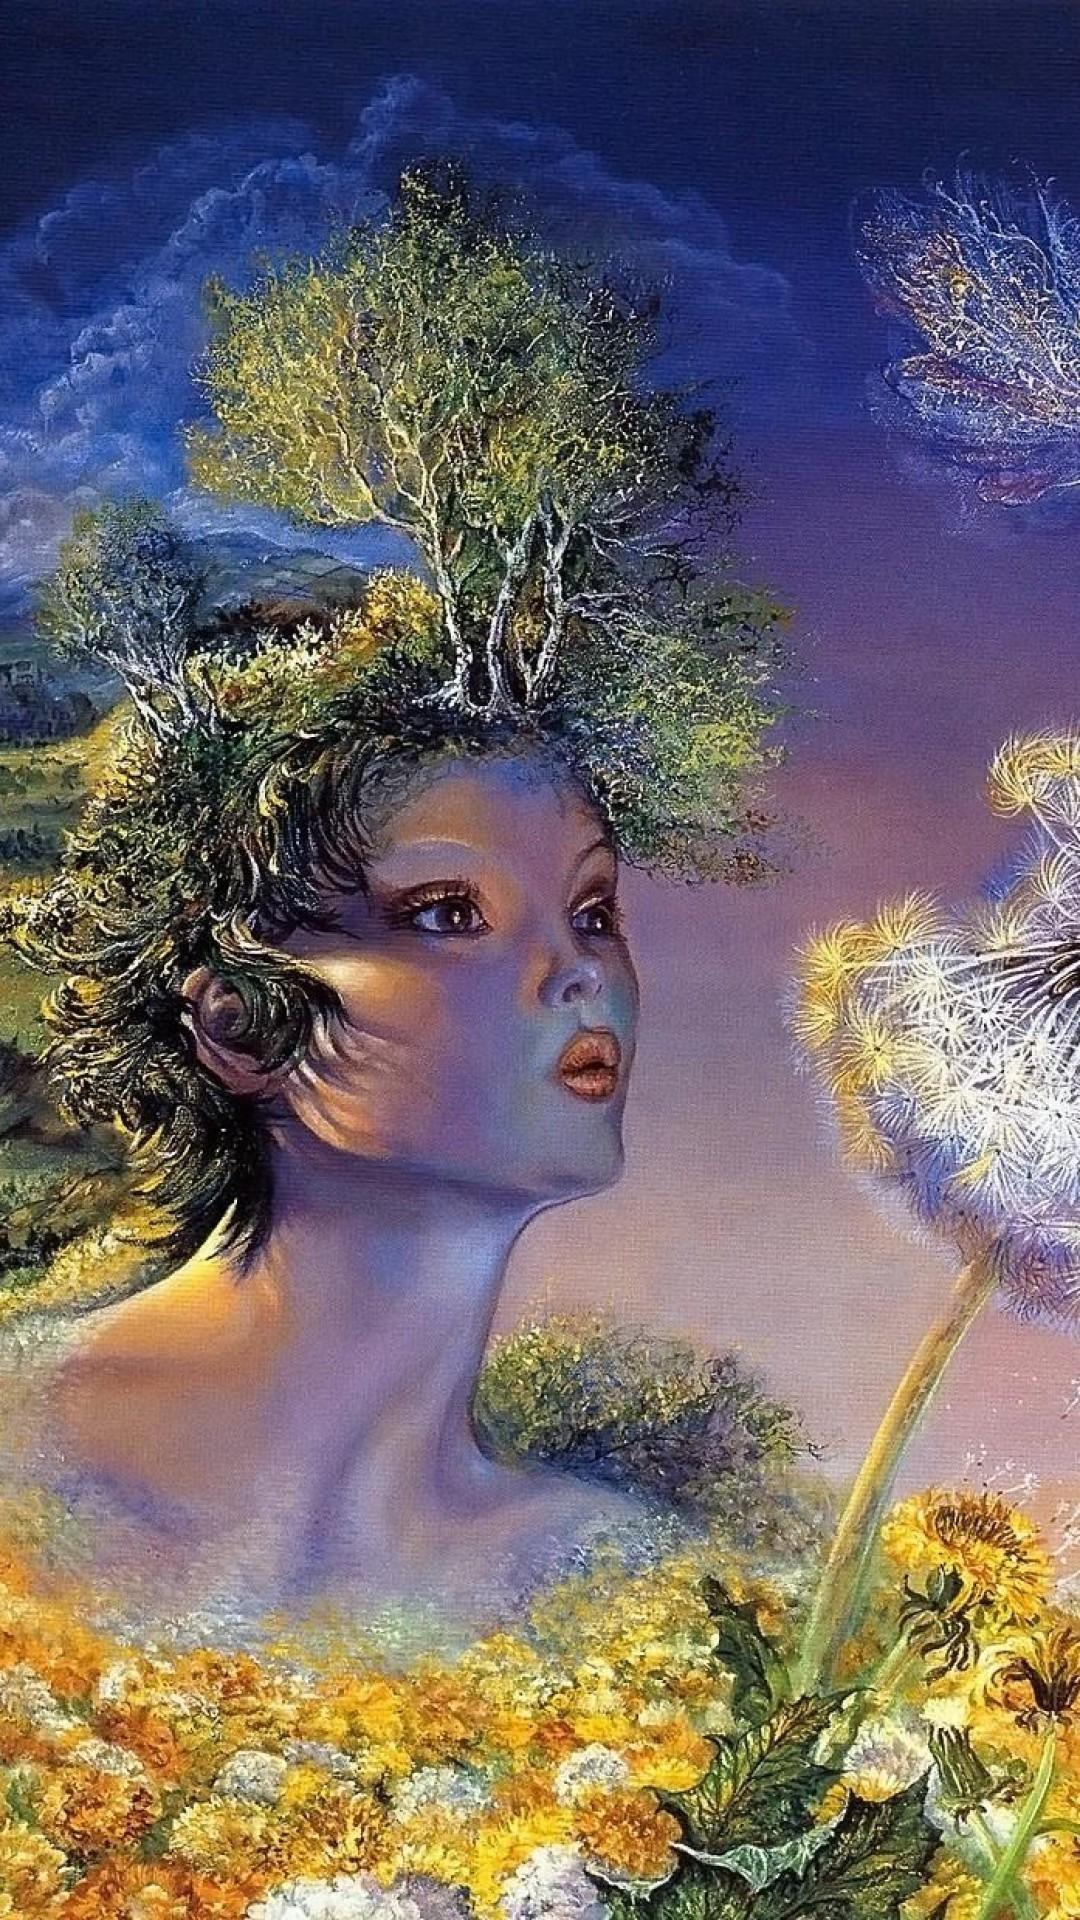 Wallpaper goddess, breathing, flower, angels, life